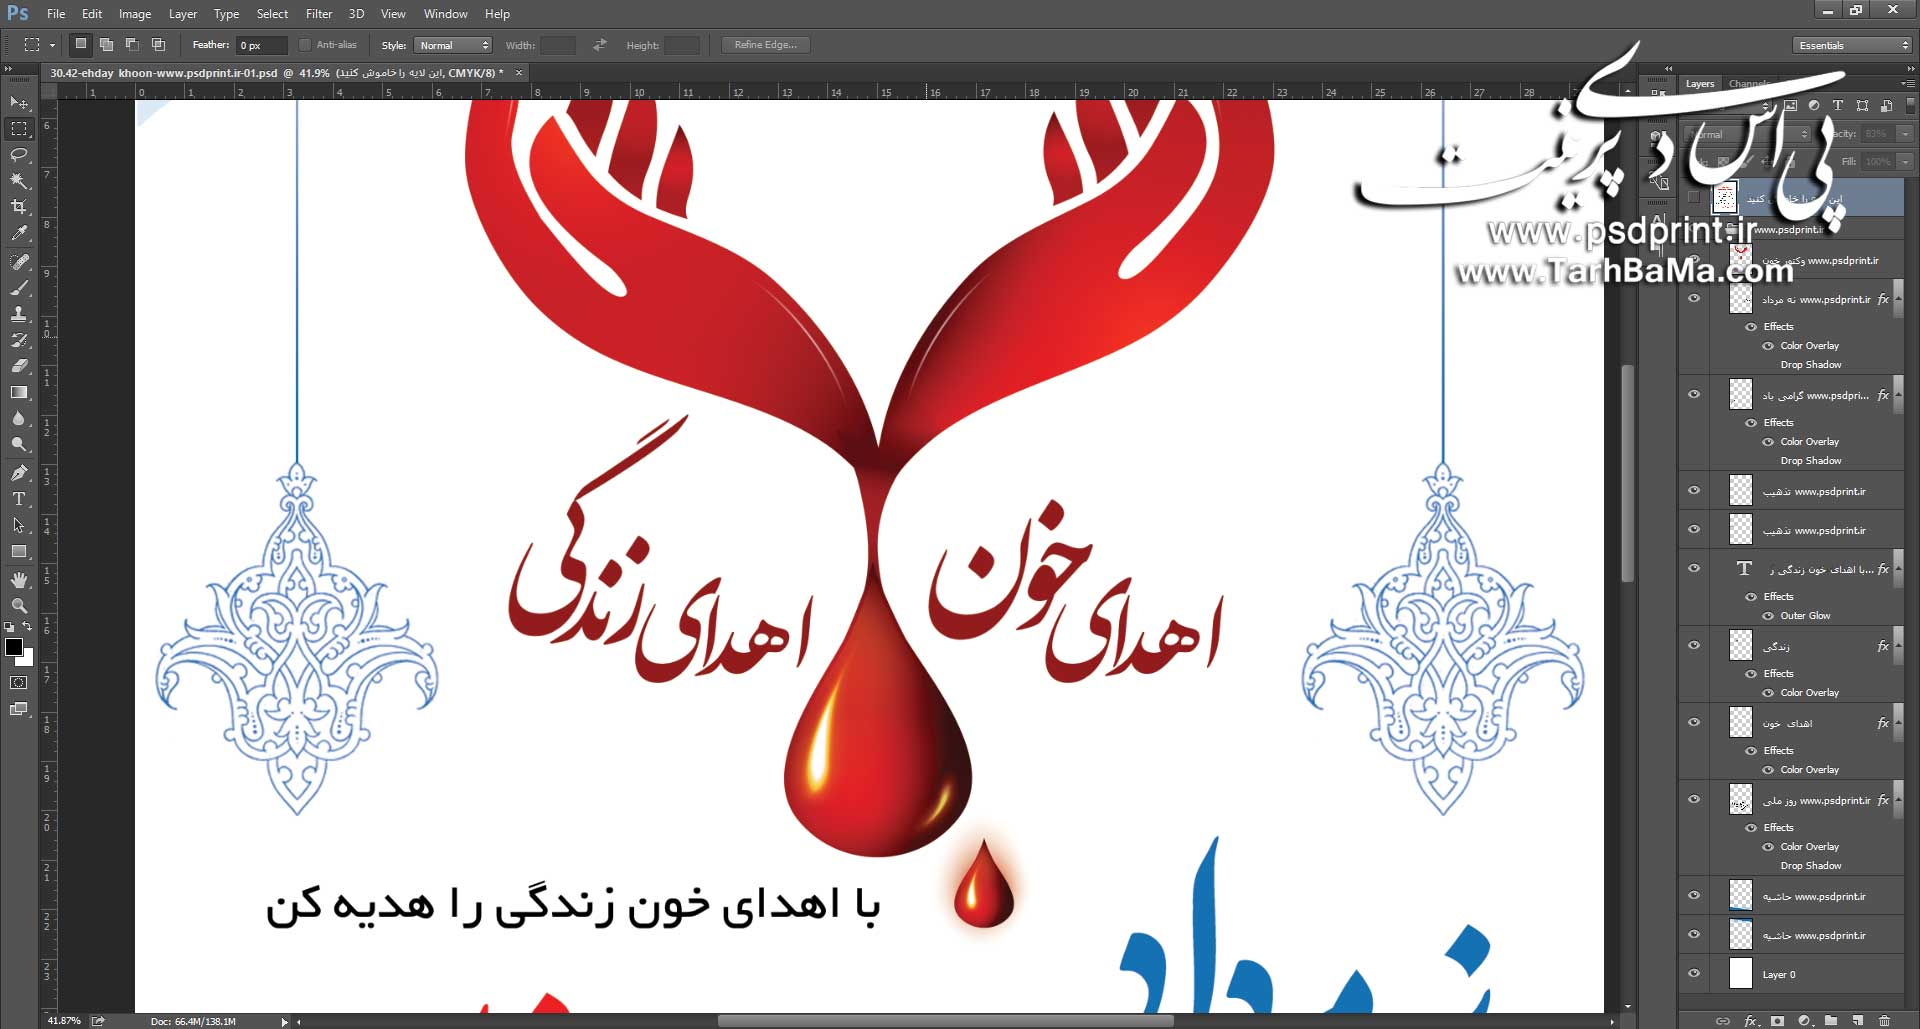 دانلود+بنر+روز+اهدای+خون